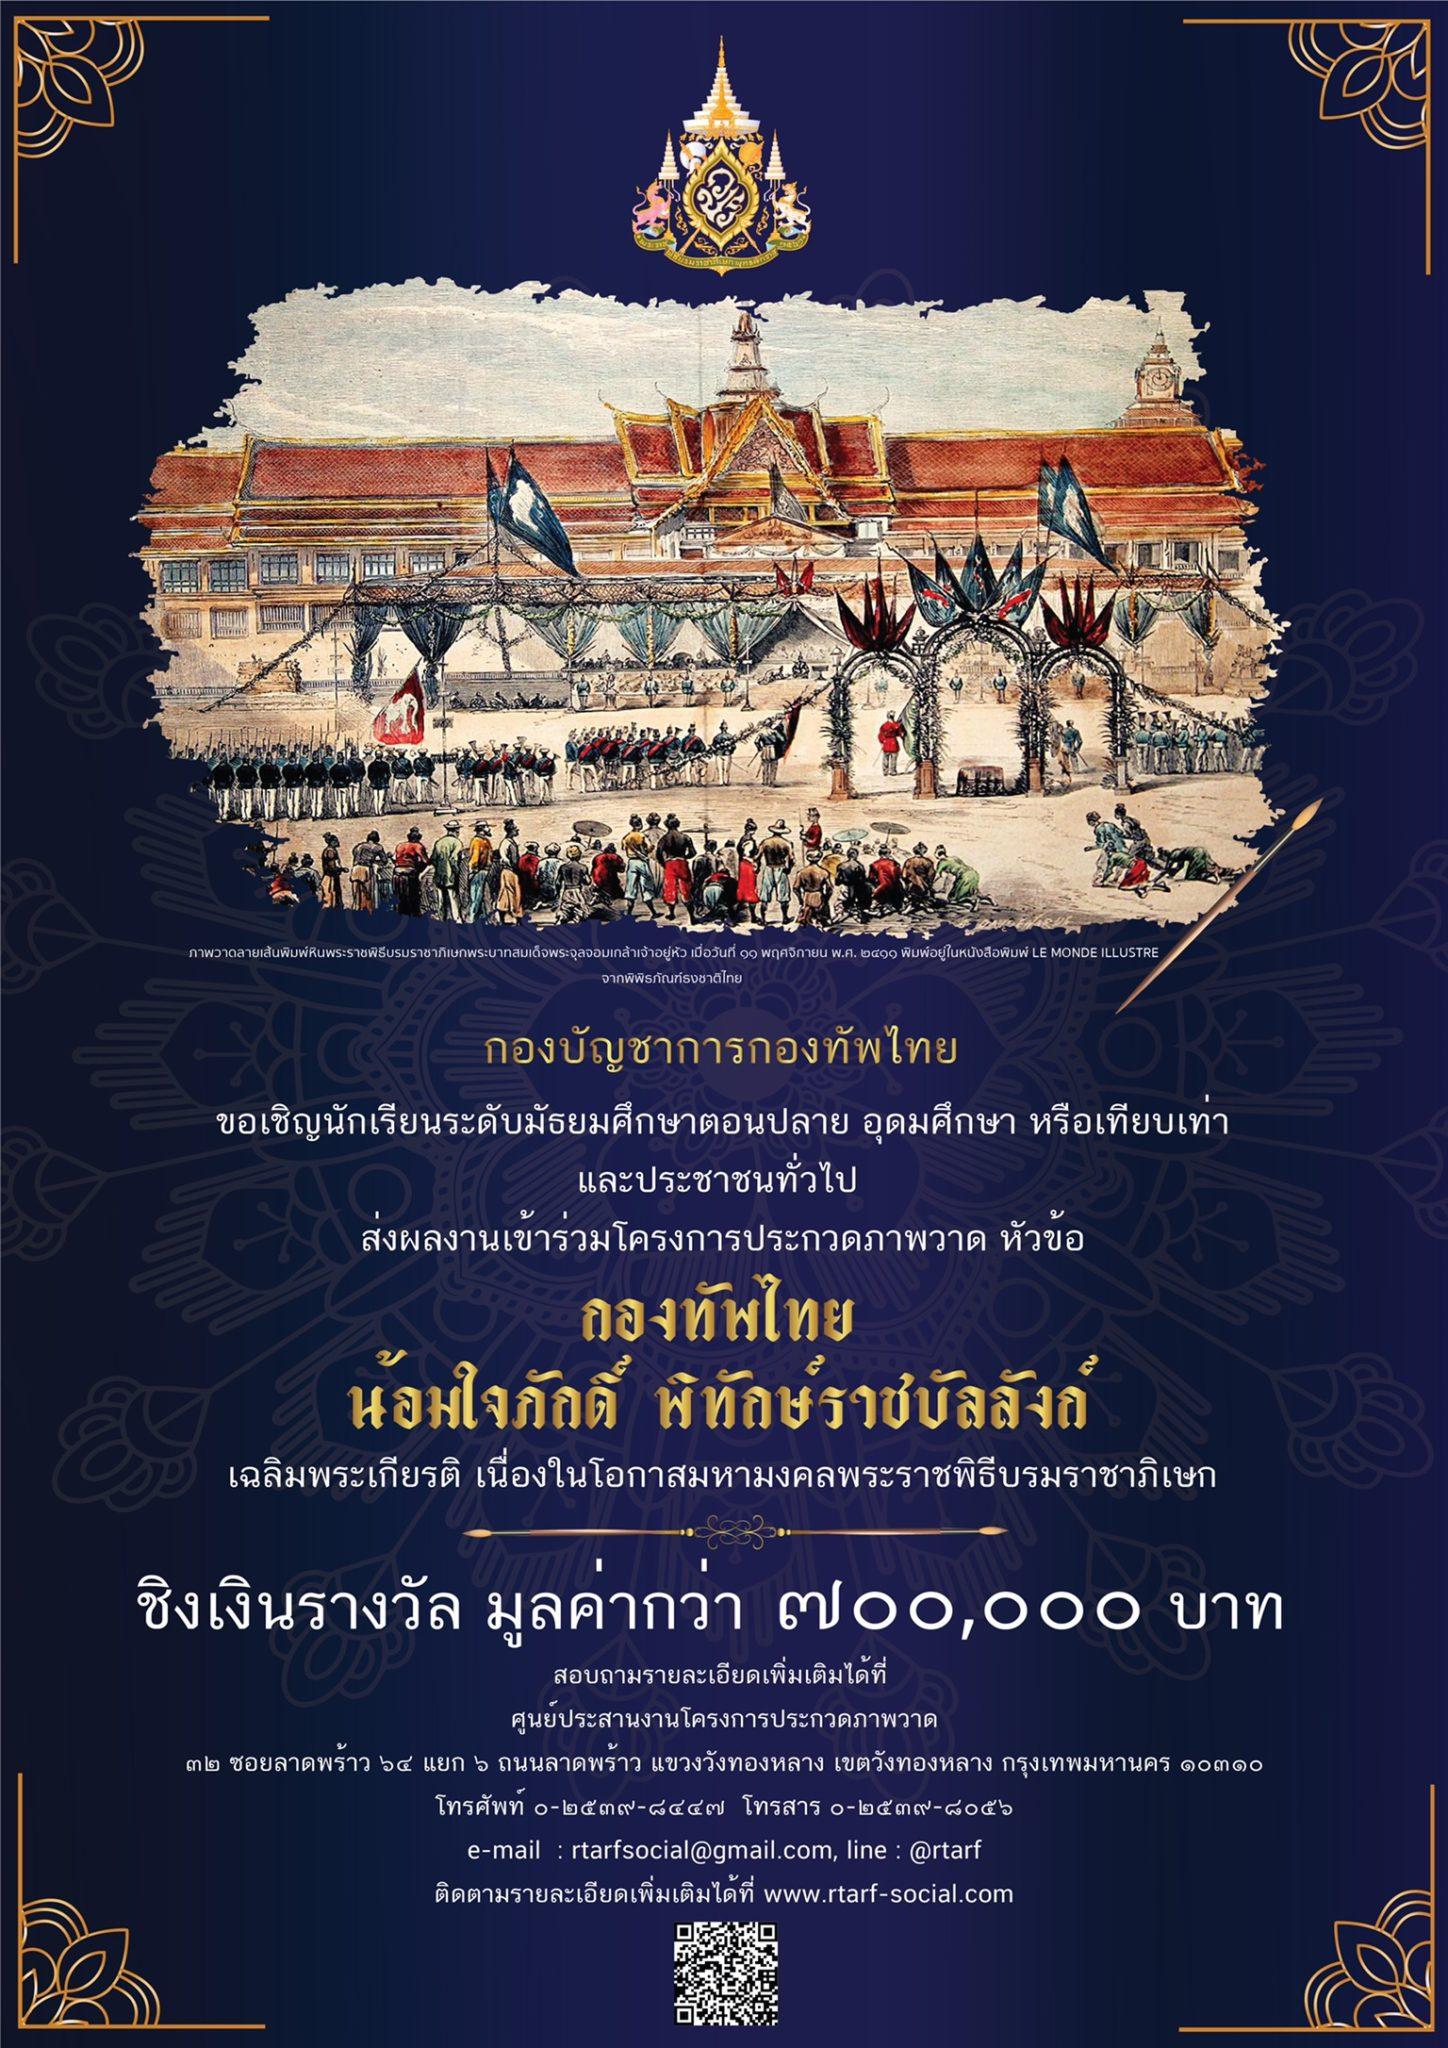 """เชิญชวนเข้าร่วมการประกวดวาดภาพเฉลิมพระเกียรติหัวข้อ """"กองทัพไทย น้อมใจภักดิ์ พิทักษ์ราชบัลลังก์"""" 13 -"""